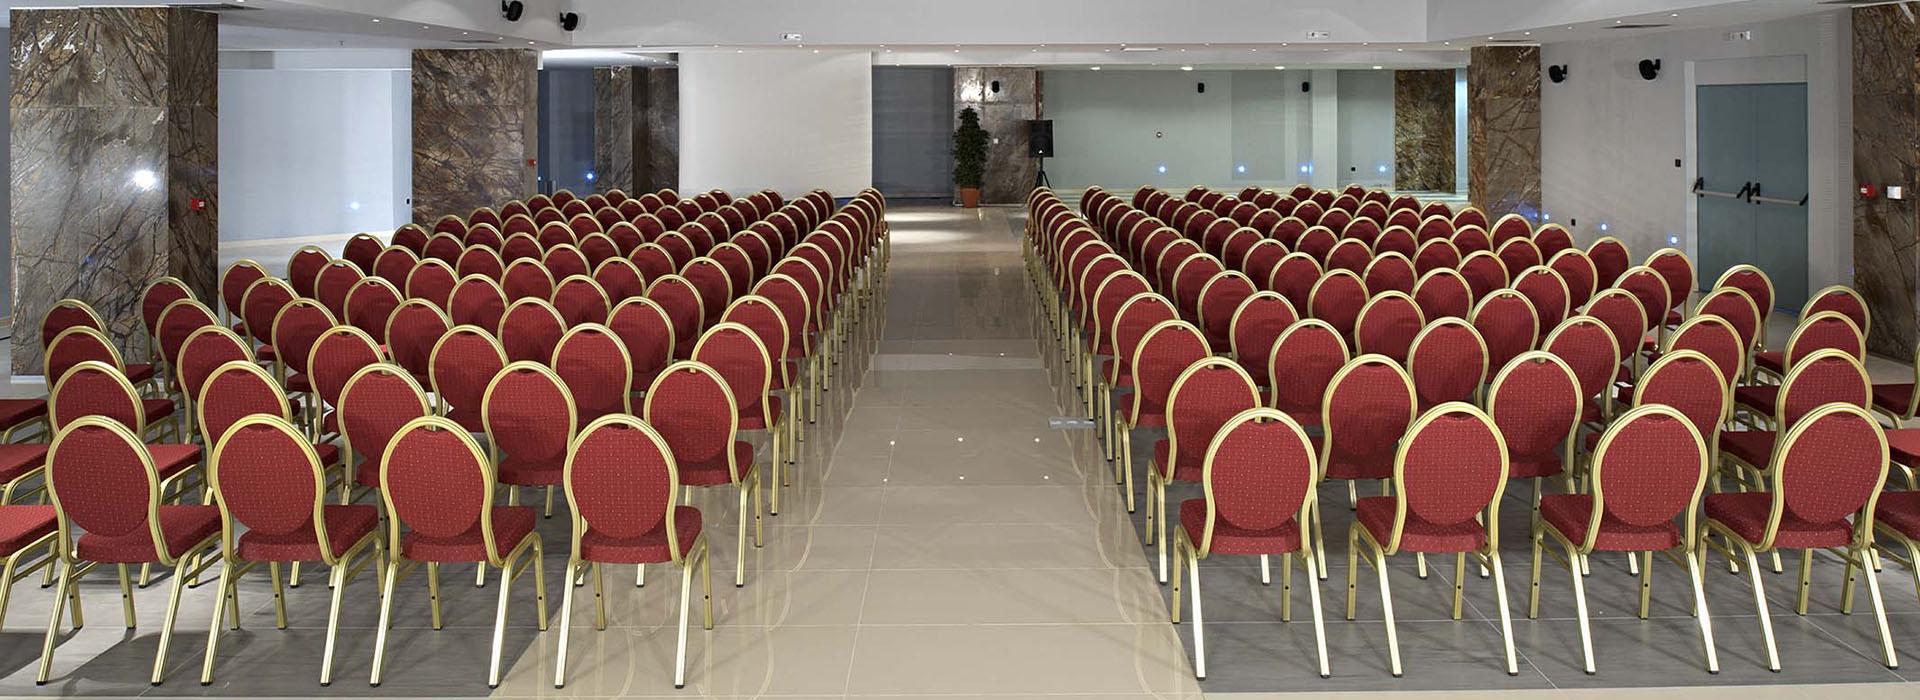 Conferences__Events_6_copy